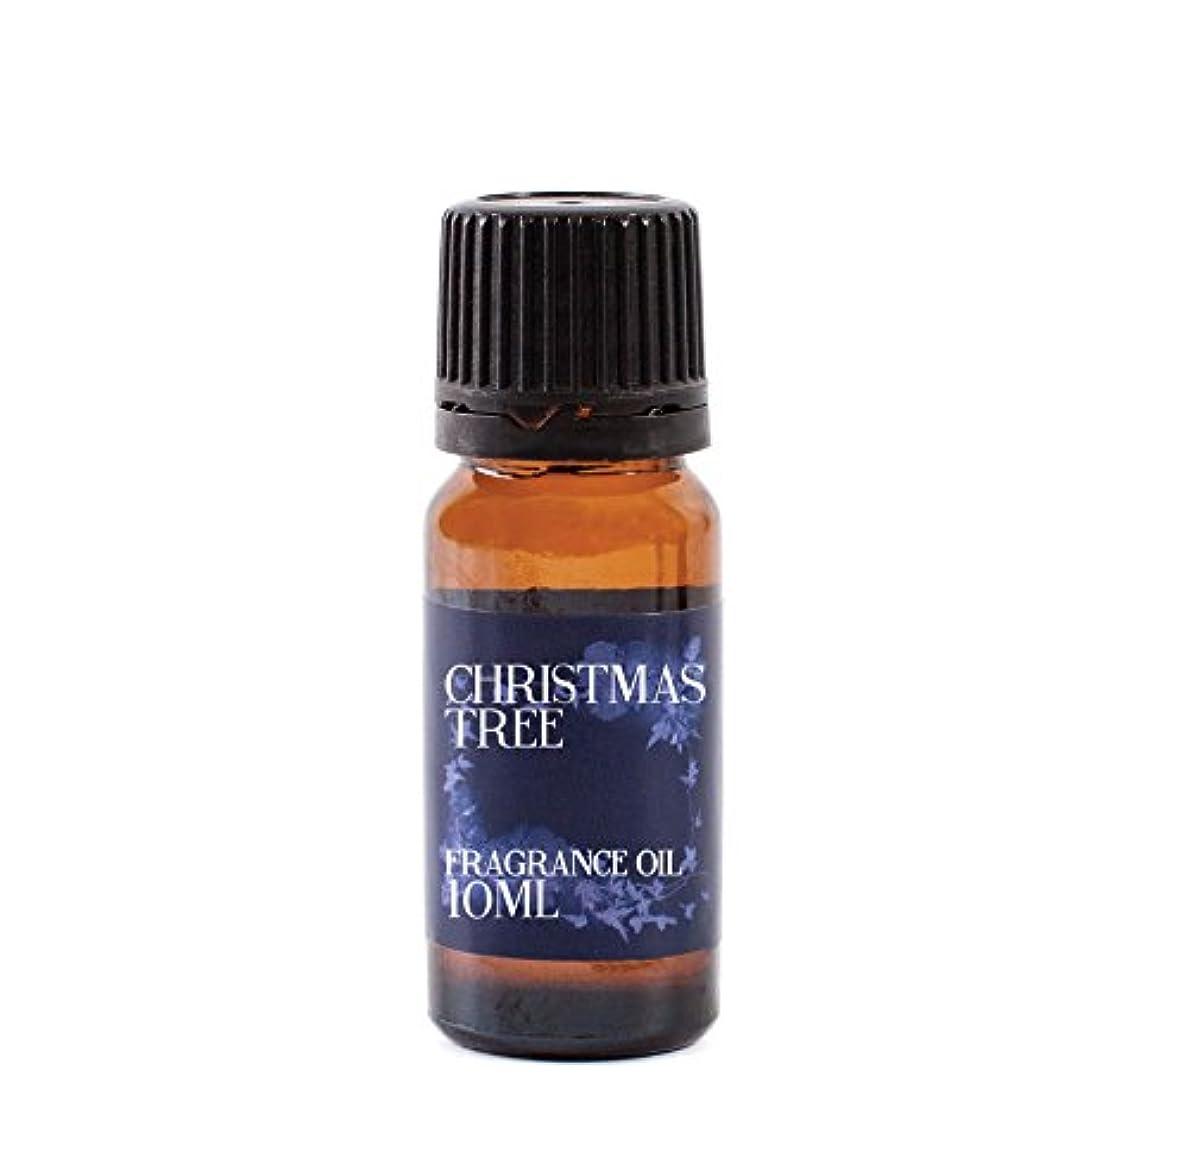 味付け七面鳥禁止するMystic Moments | Christmas Tree Fragrance Oil - 10ml